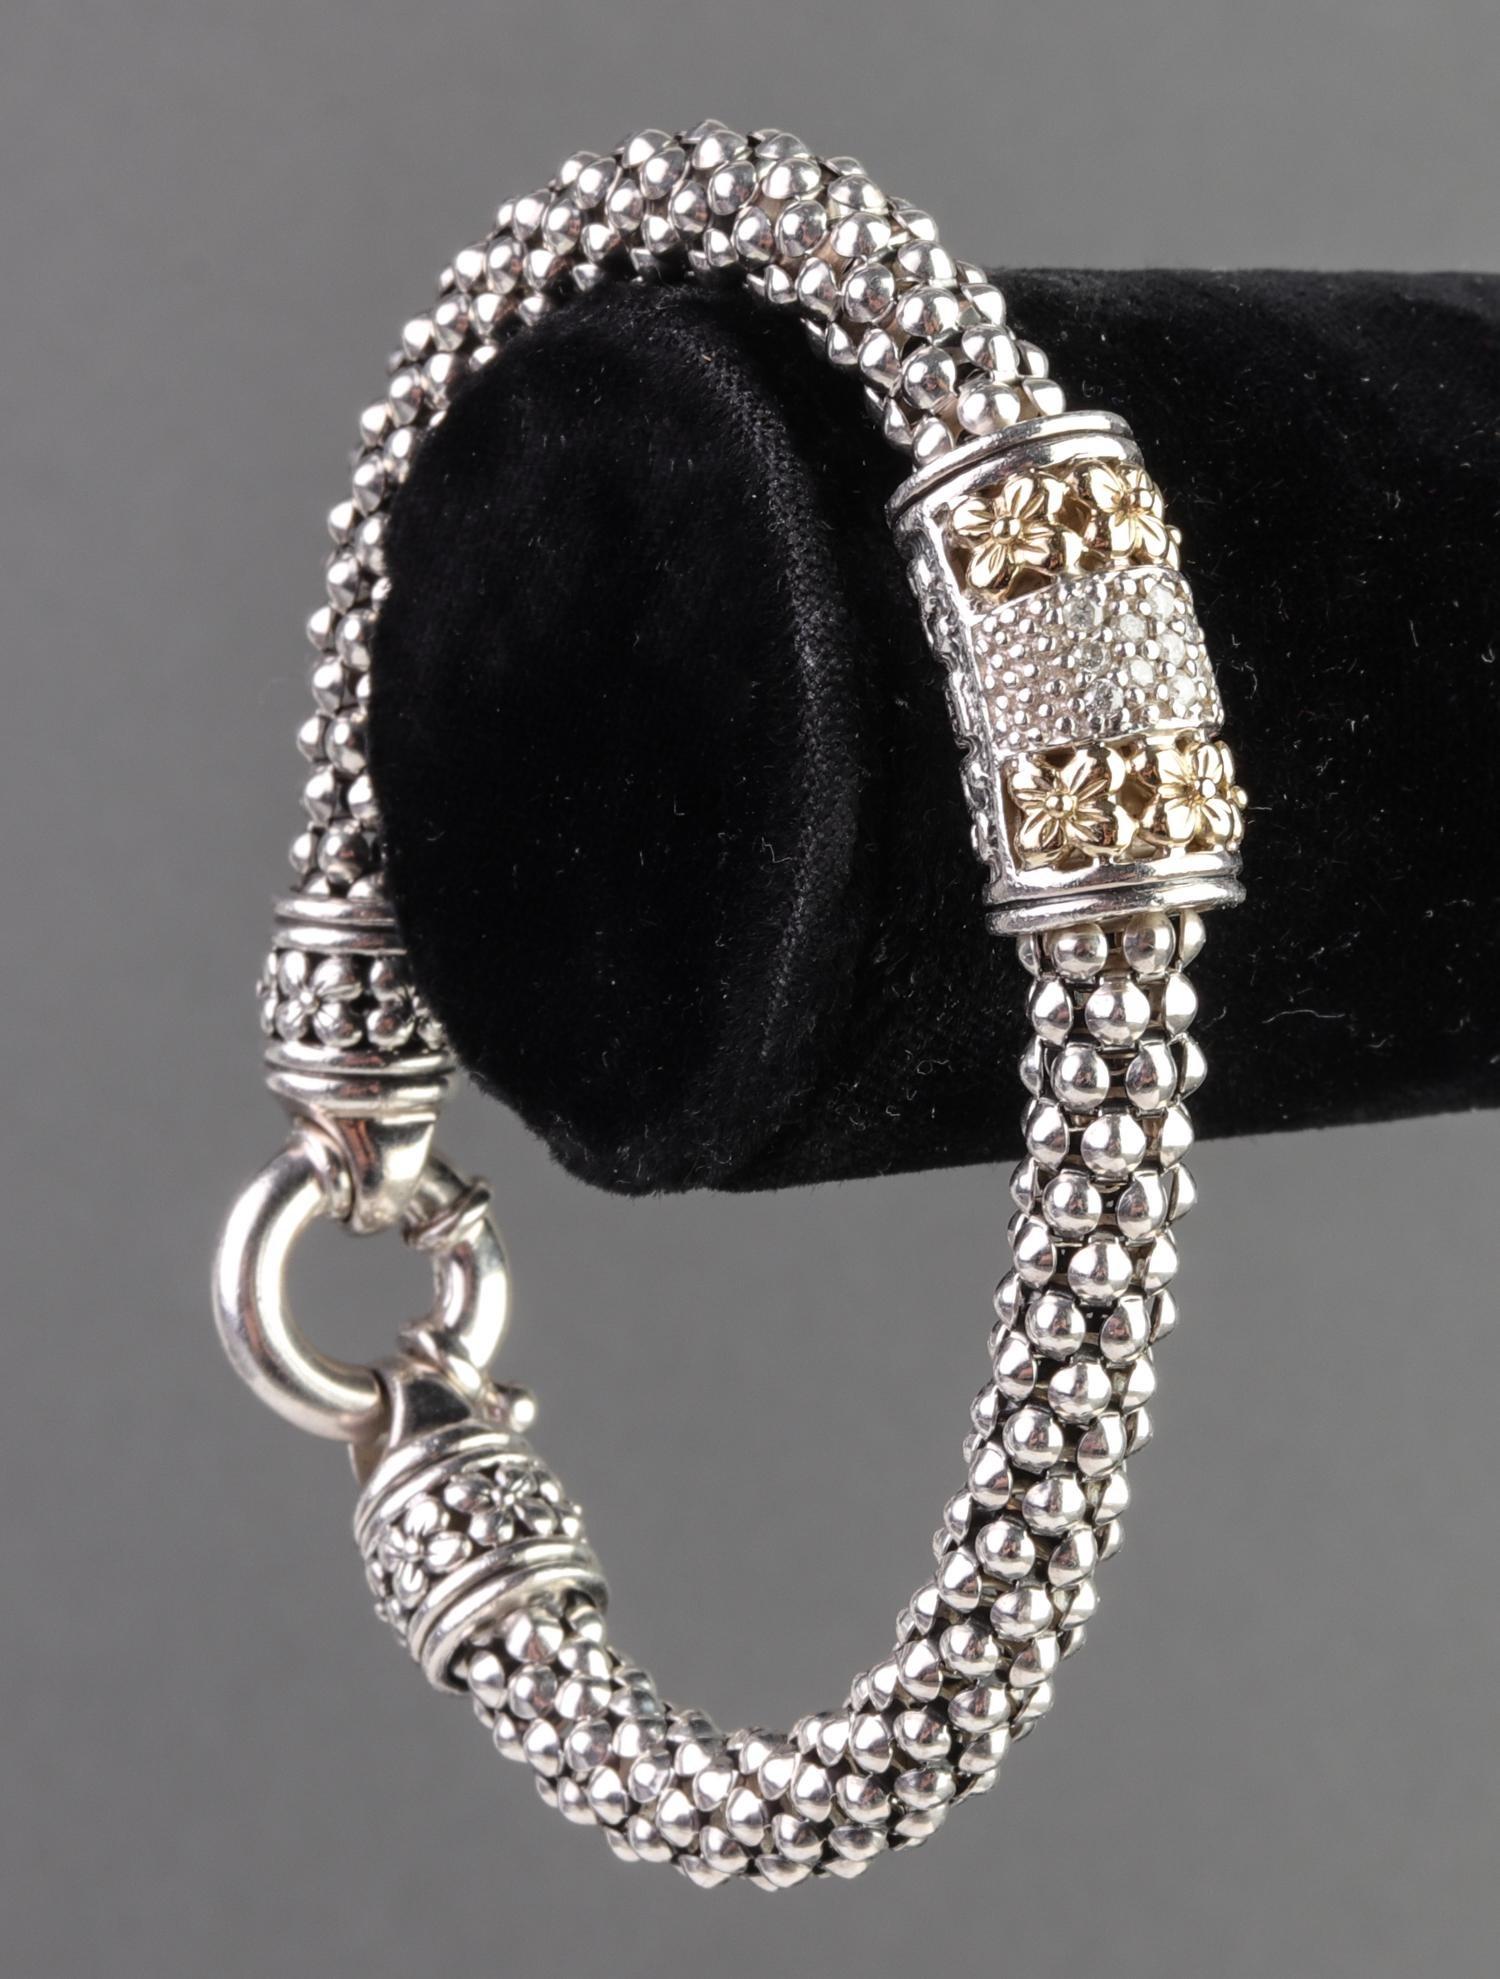 14K Yellow Gold Diamond & Silver Pendant Bracelet